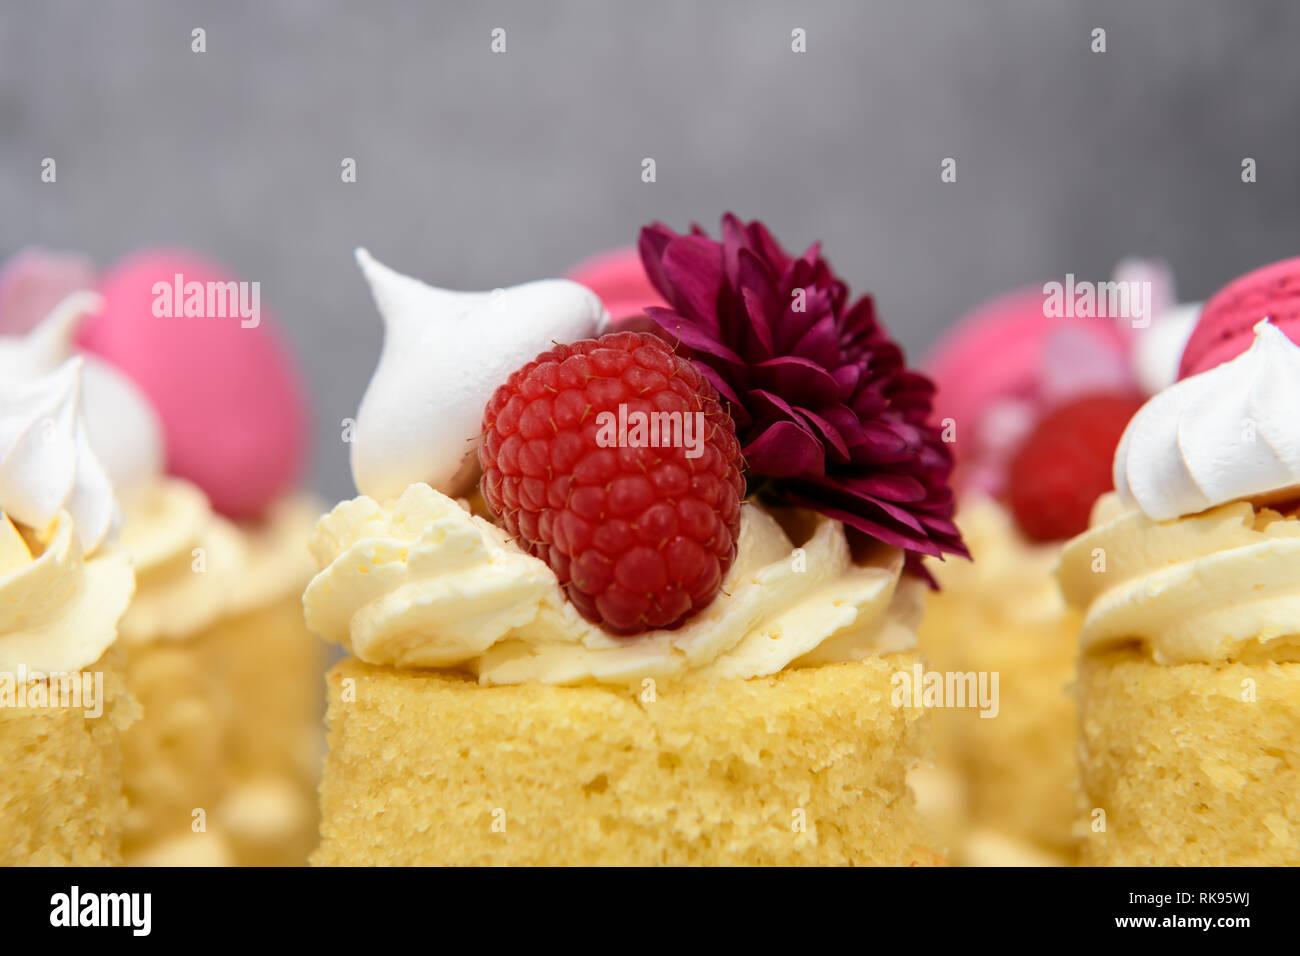 Amazing Individual Naked Mini Birthday Cakes Stock Photo 235615454 Alamy Funny Birthday Cards Online Inifofree Goldxyz